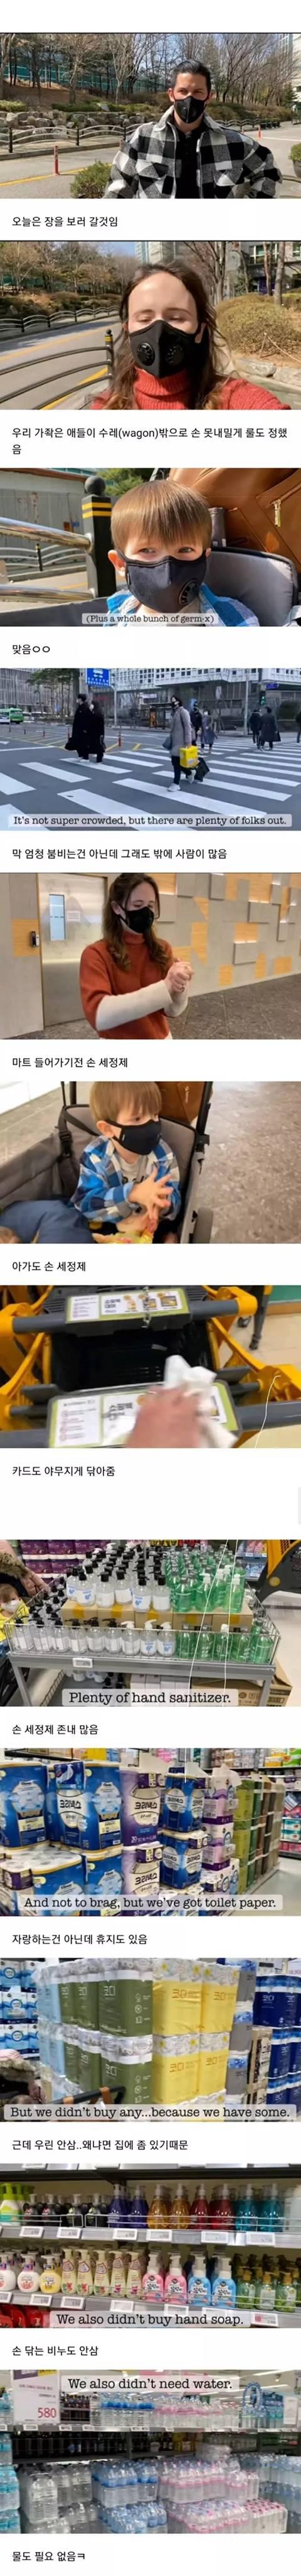 한국 마트에서 장 보는 외국인 가족 | 인스티즈